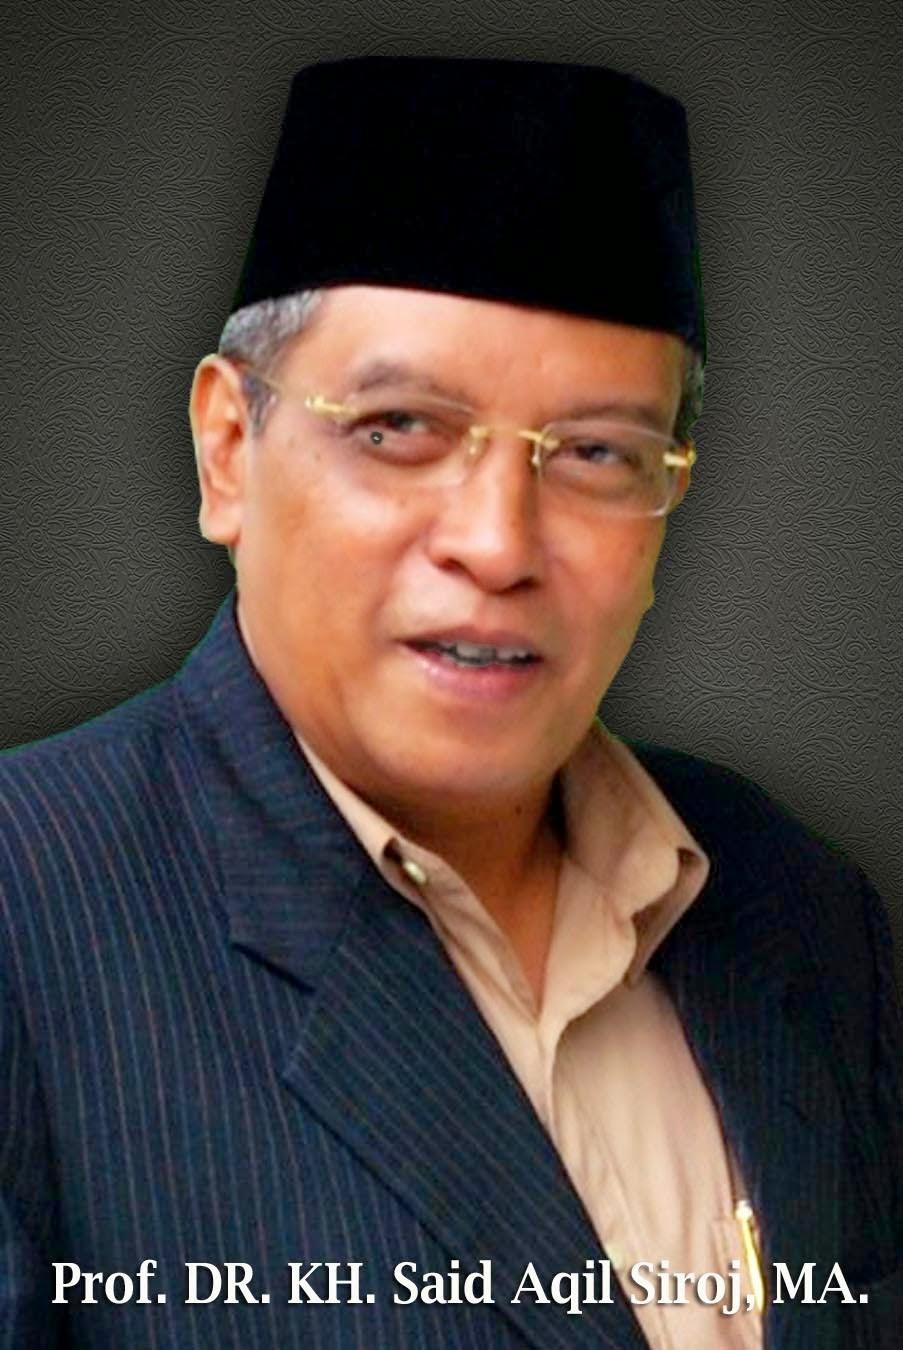 Prof. Dr. KH. Said Aqil Siradj, M.A